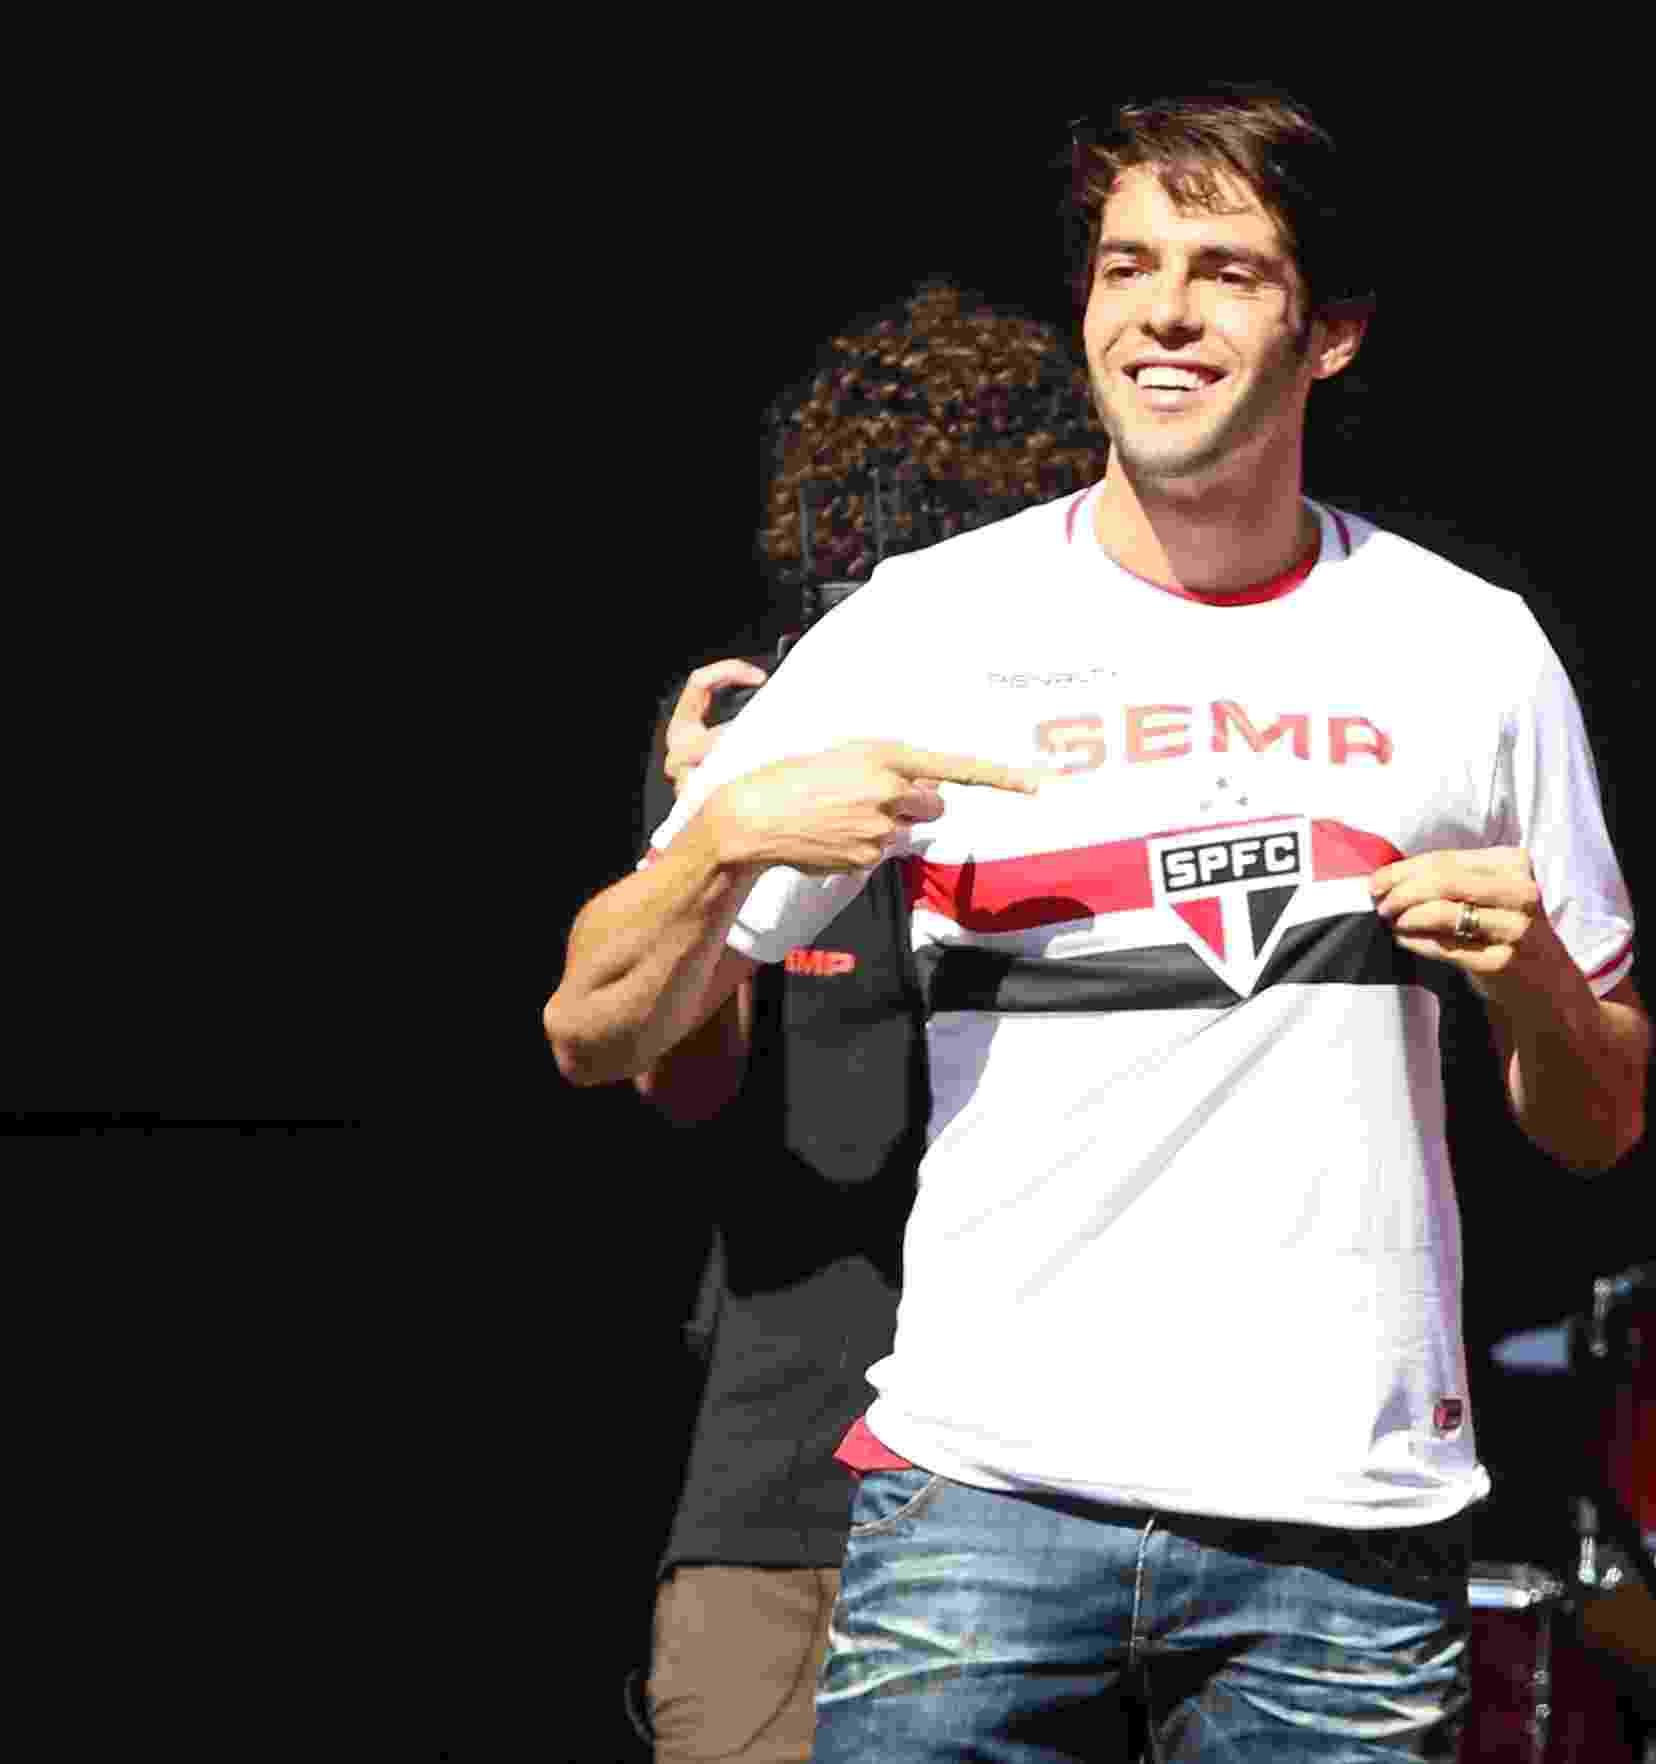 Kaká veste a camisa do São Paulo durante a sua apresentação no Morumbi - REGINALDO CASTRO/ESTADÃO CONTEÚDO